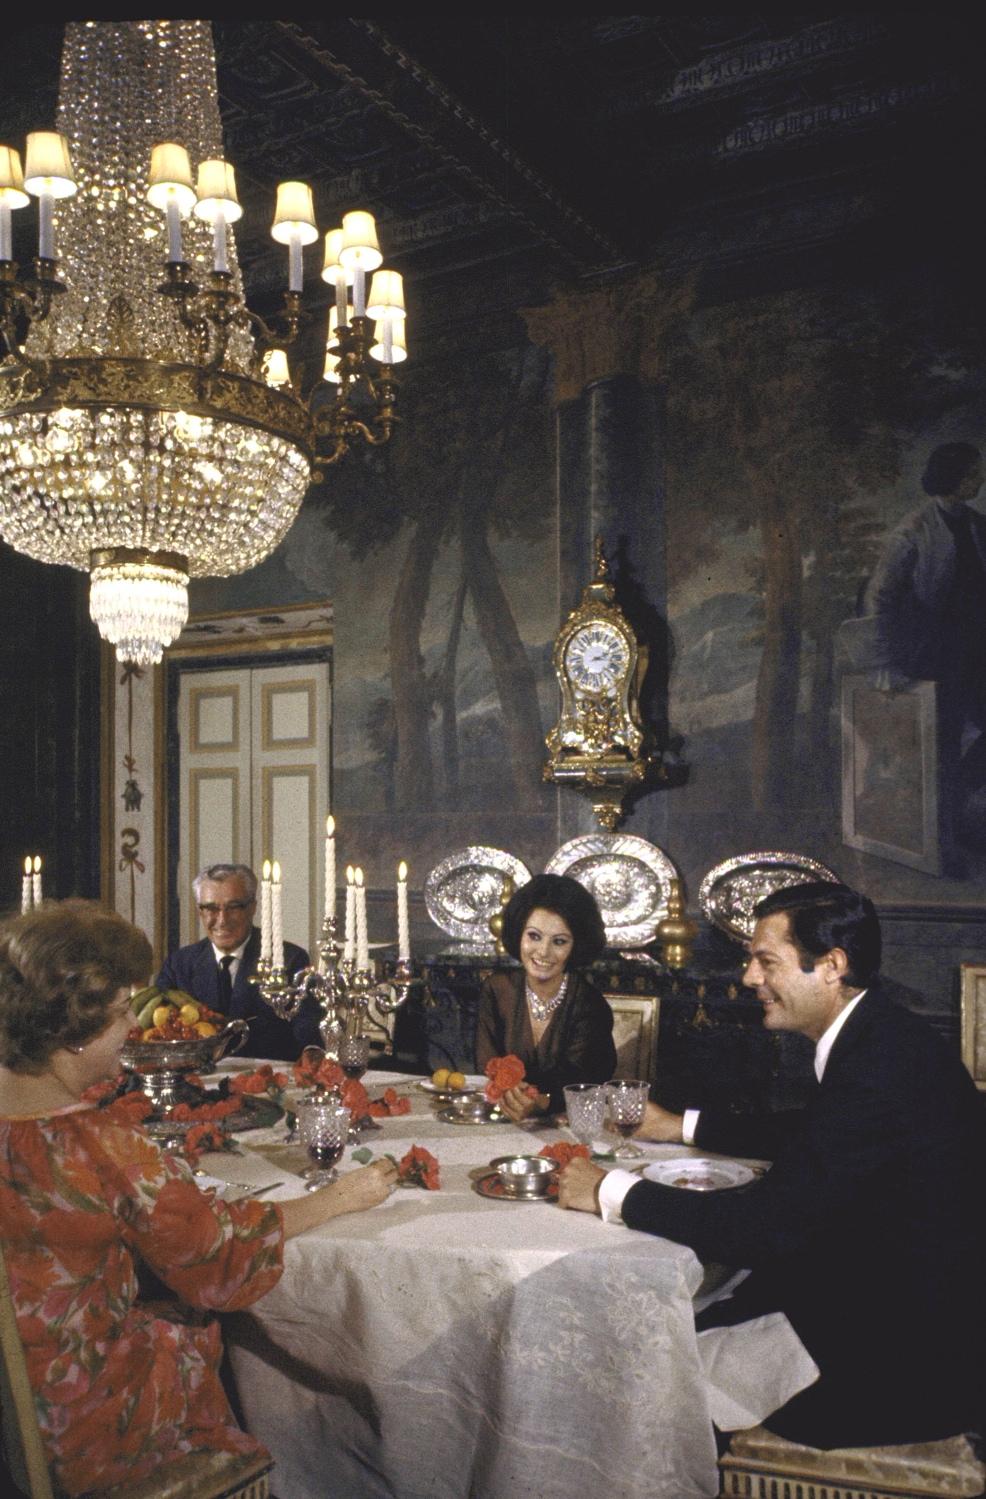 Khanology villa italiana circa 1964 for Sophia house